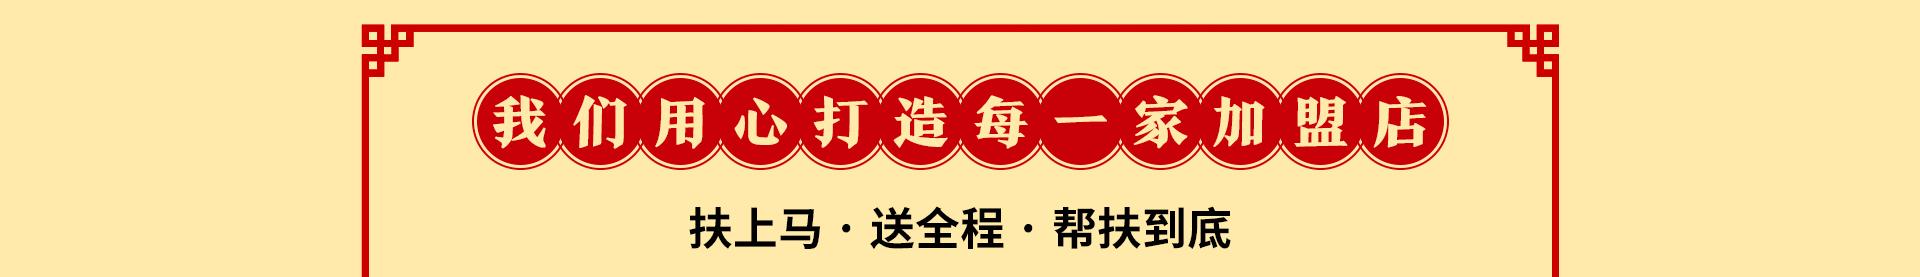 关中秦味老碗面gzqw_16